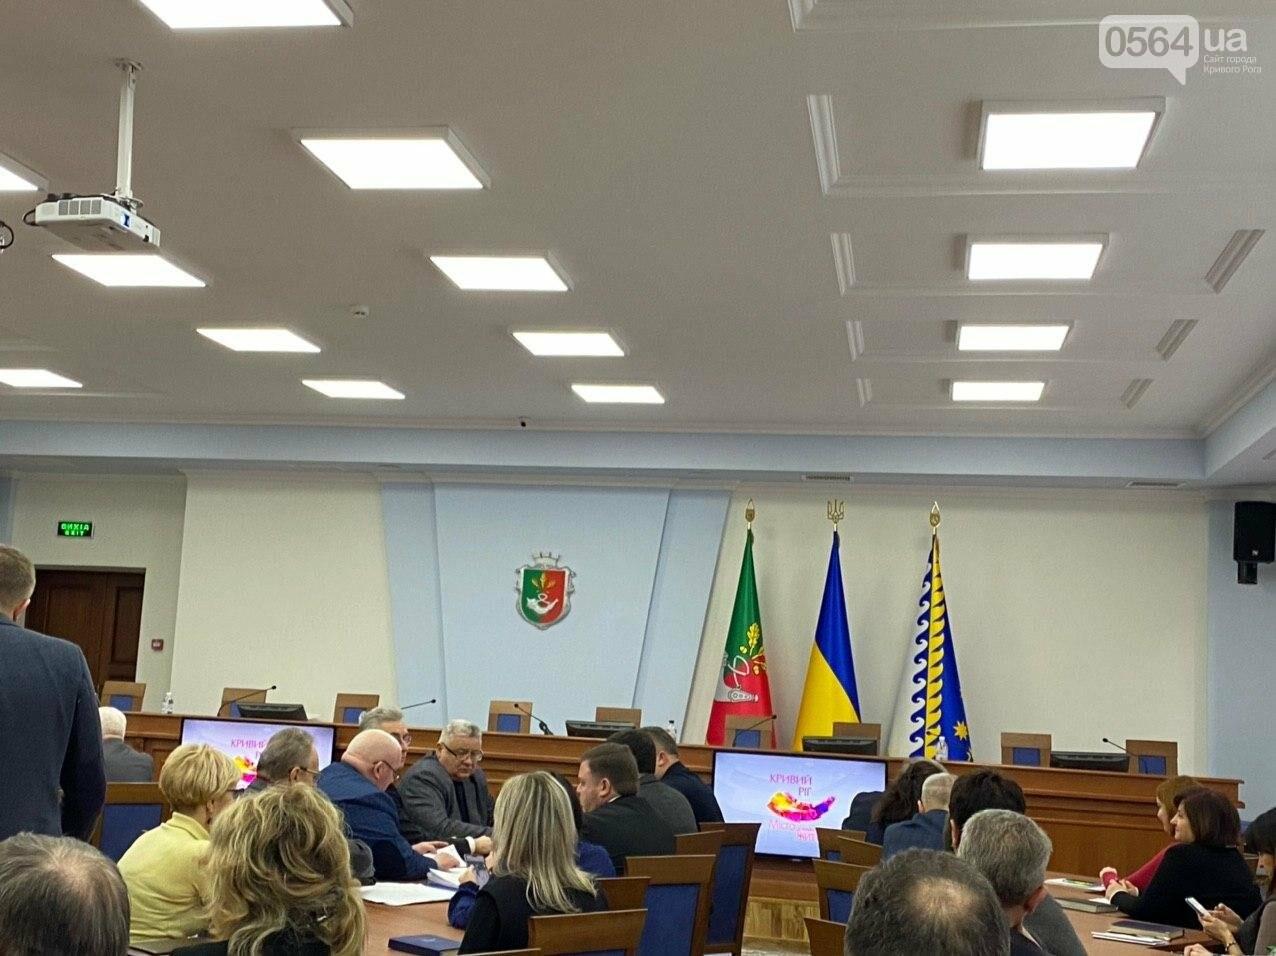 Криворожские чиновники собрались на первое в 2020 заседание горисполкома, - ФОТО, фото-3